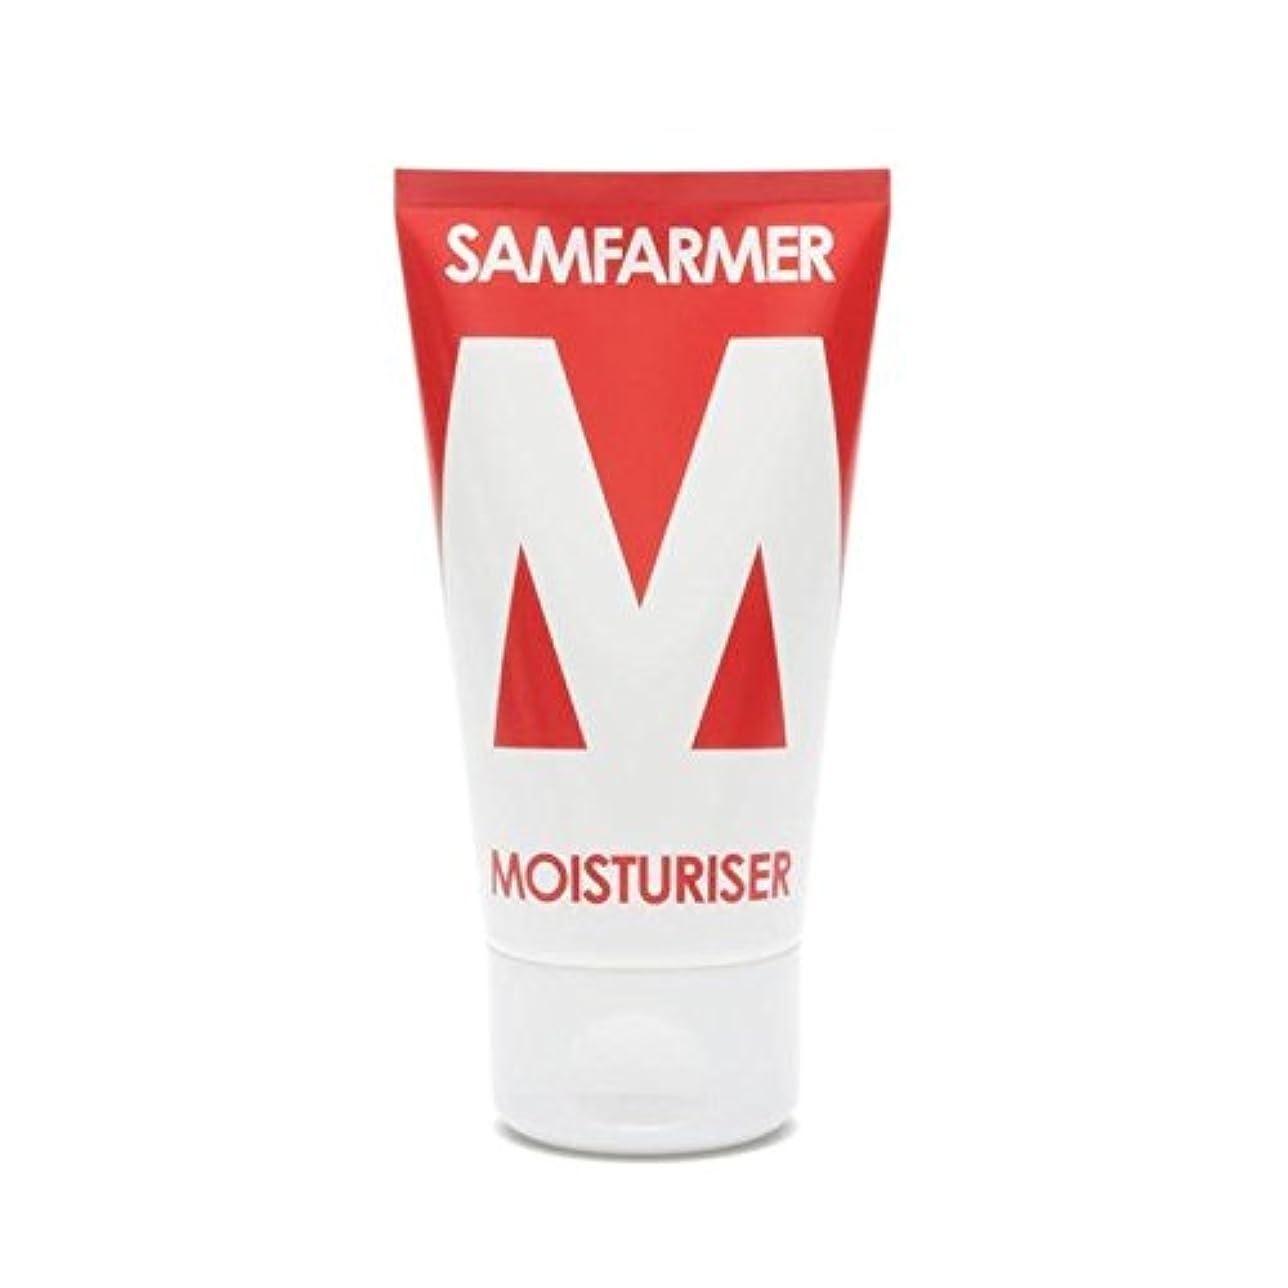 エクスタシー食い違い脇にSAMFARMER Unisex Moisturiser 50ml - ユニセックス保湿50ミリリットル [並行輸入品]